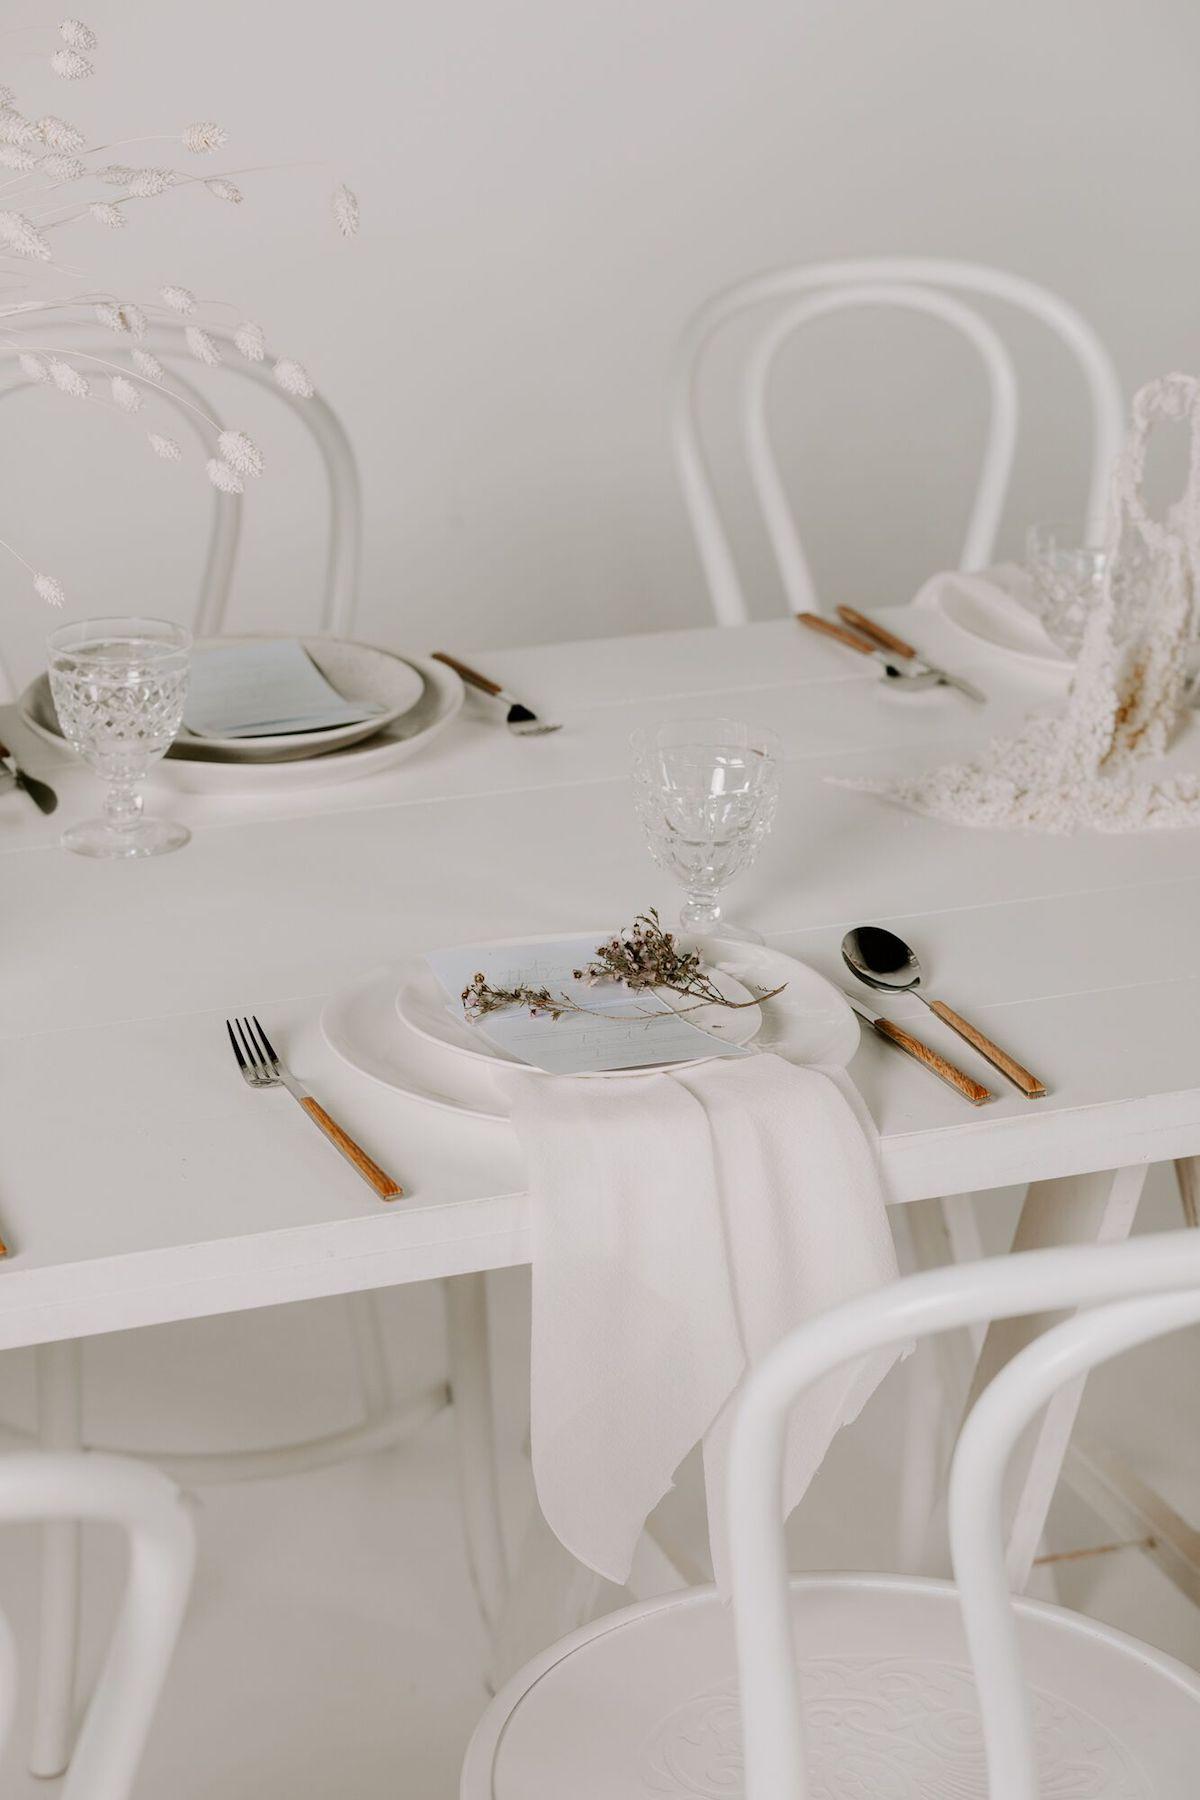 White on White Wedding Styling Inspiration16.jpeg